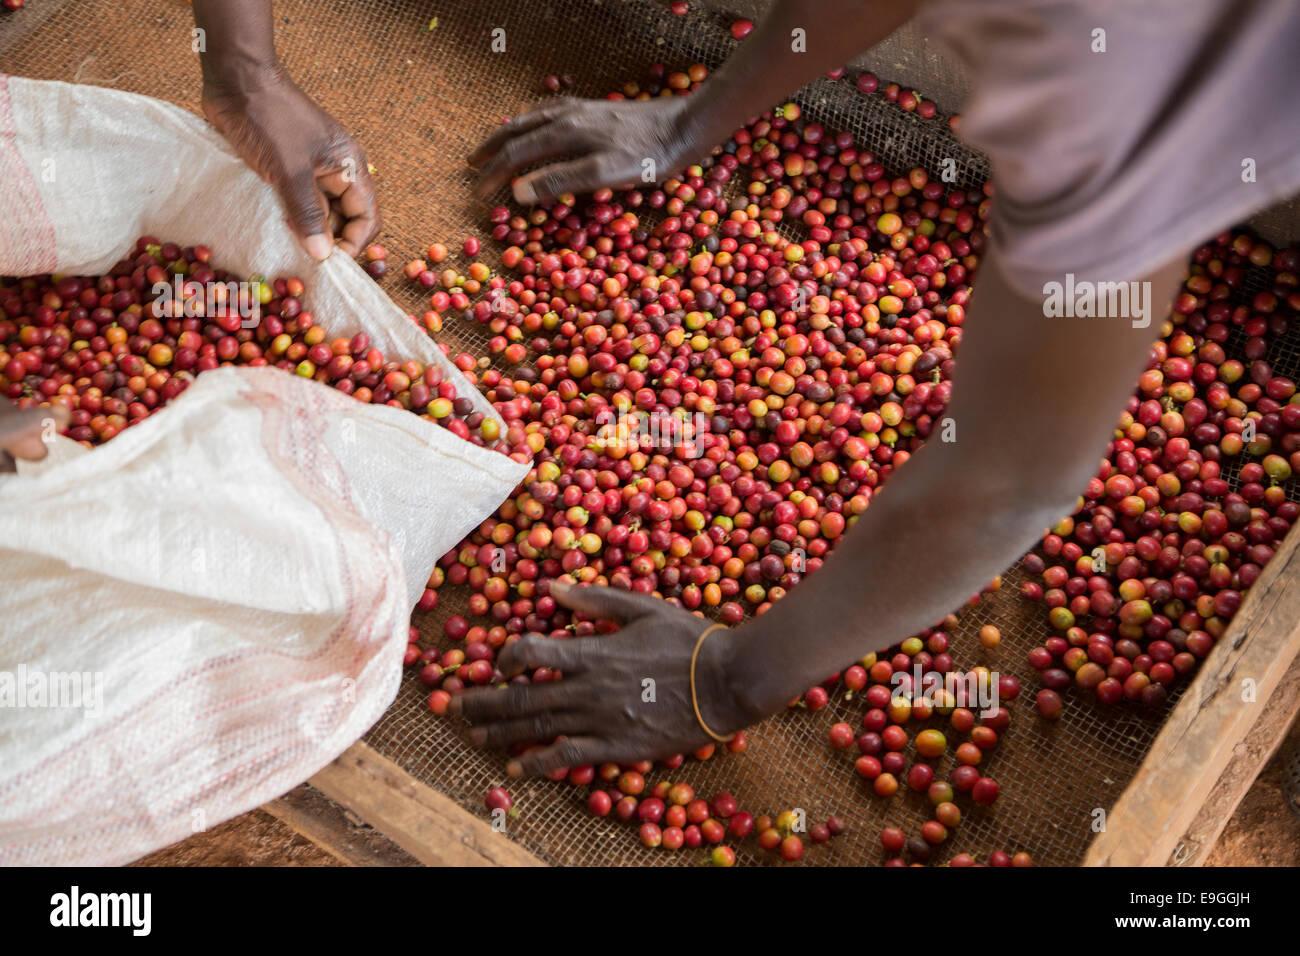 Las cerezas de café se clasifican y empaquetan antes del procesamiento en Orinde Sociedad Cooperativa de Agricultores Imagen De Stock